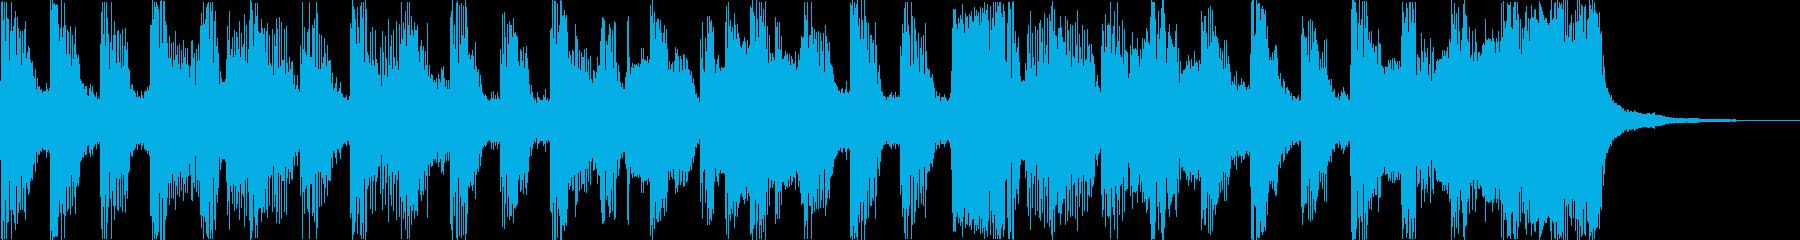 おしゃれチルヒップホップR&Bハウスfの再生済みの波形